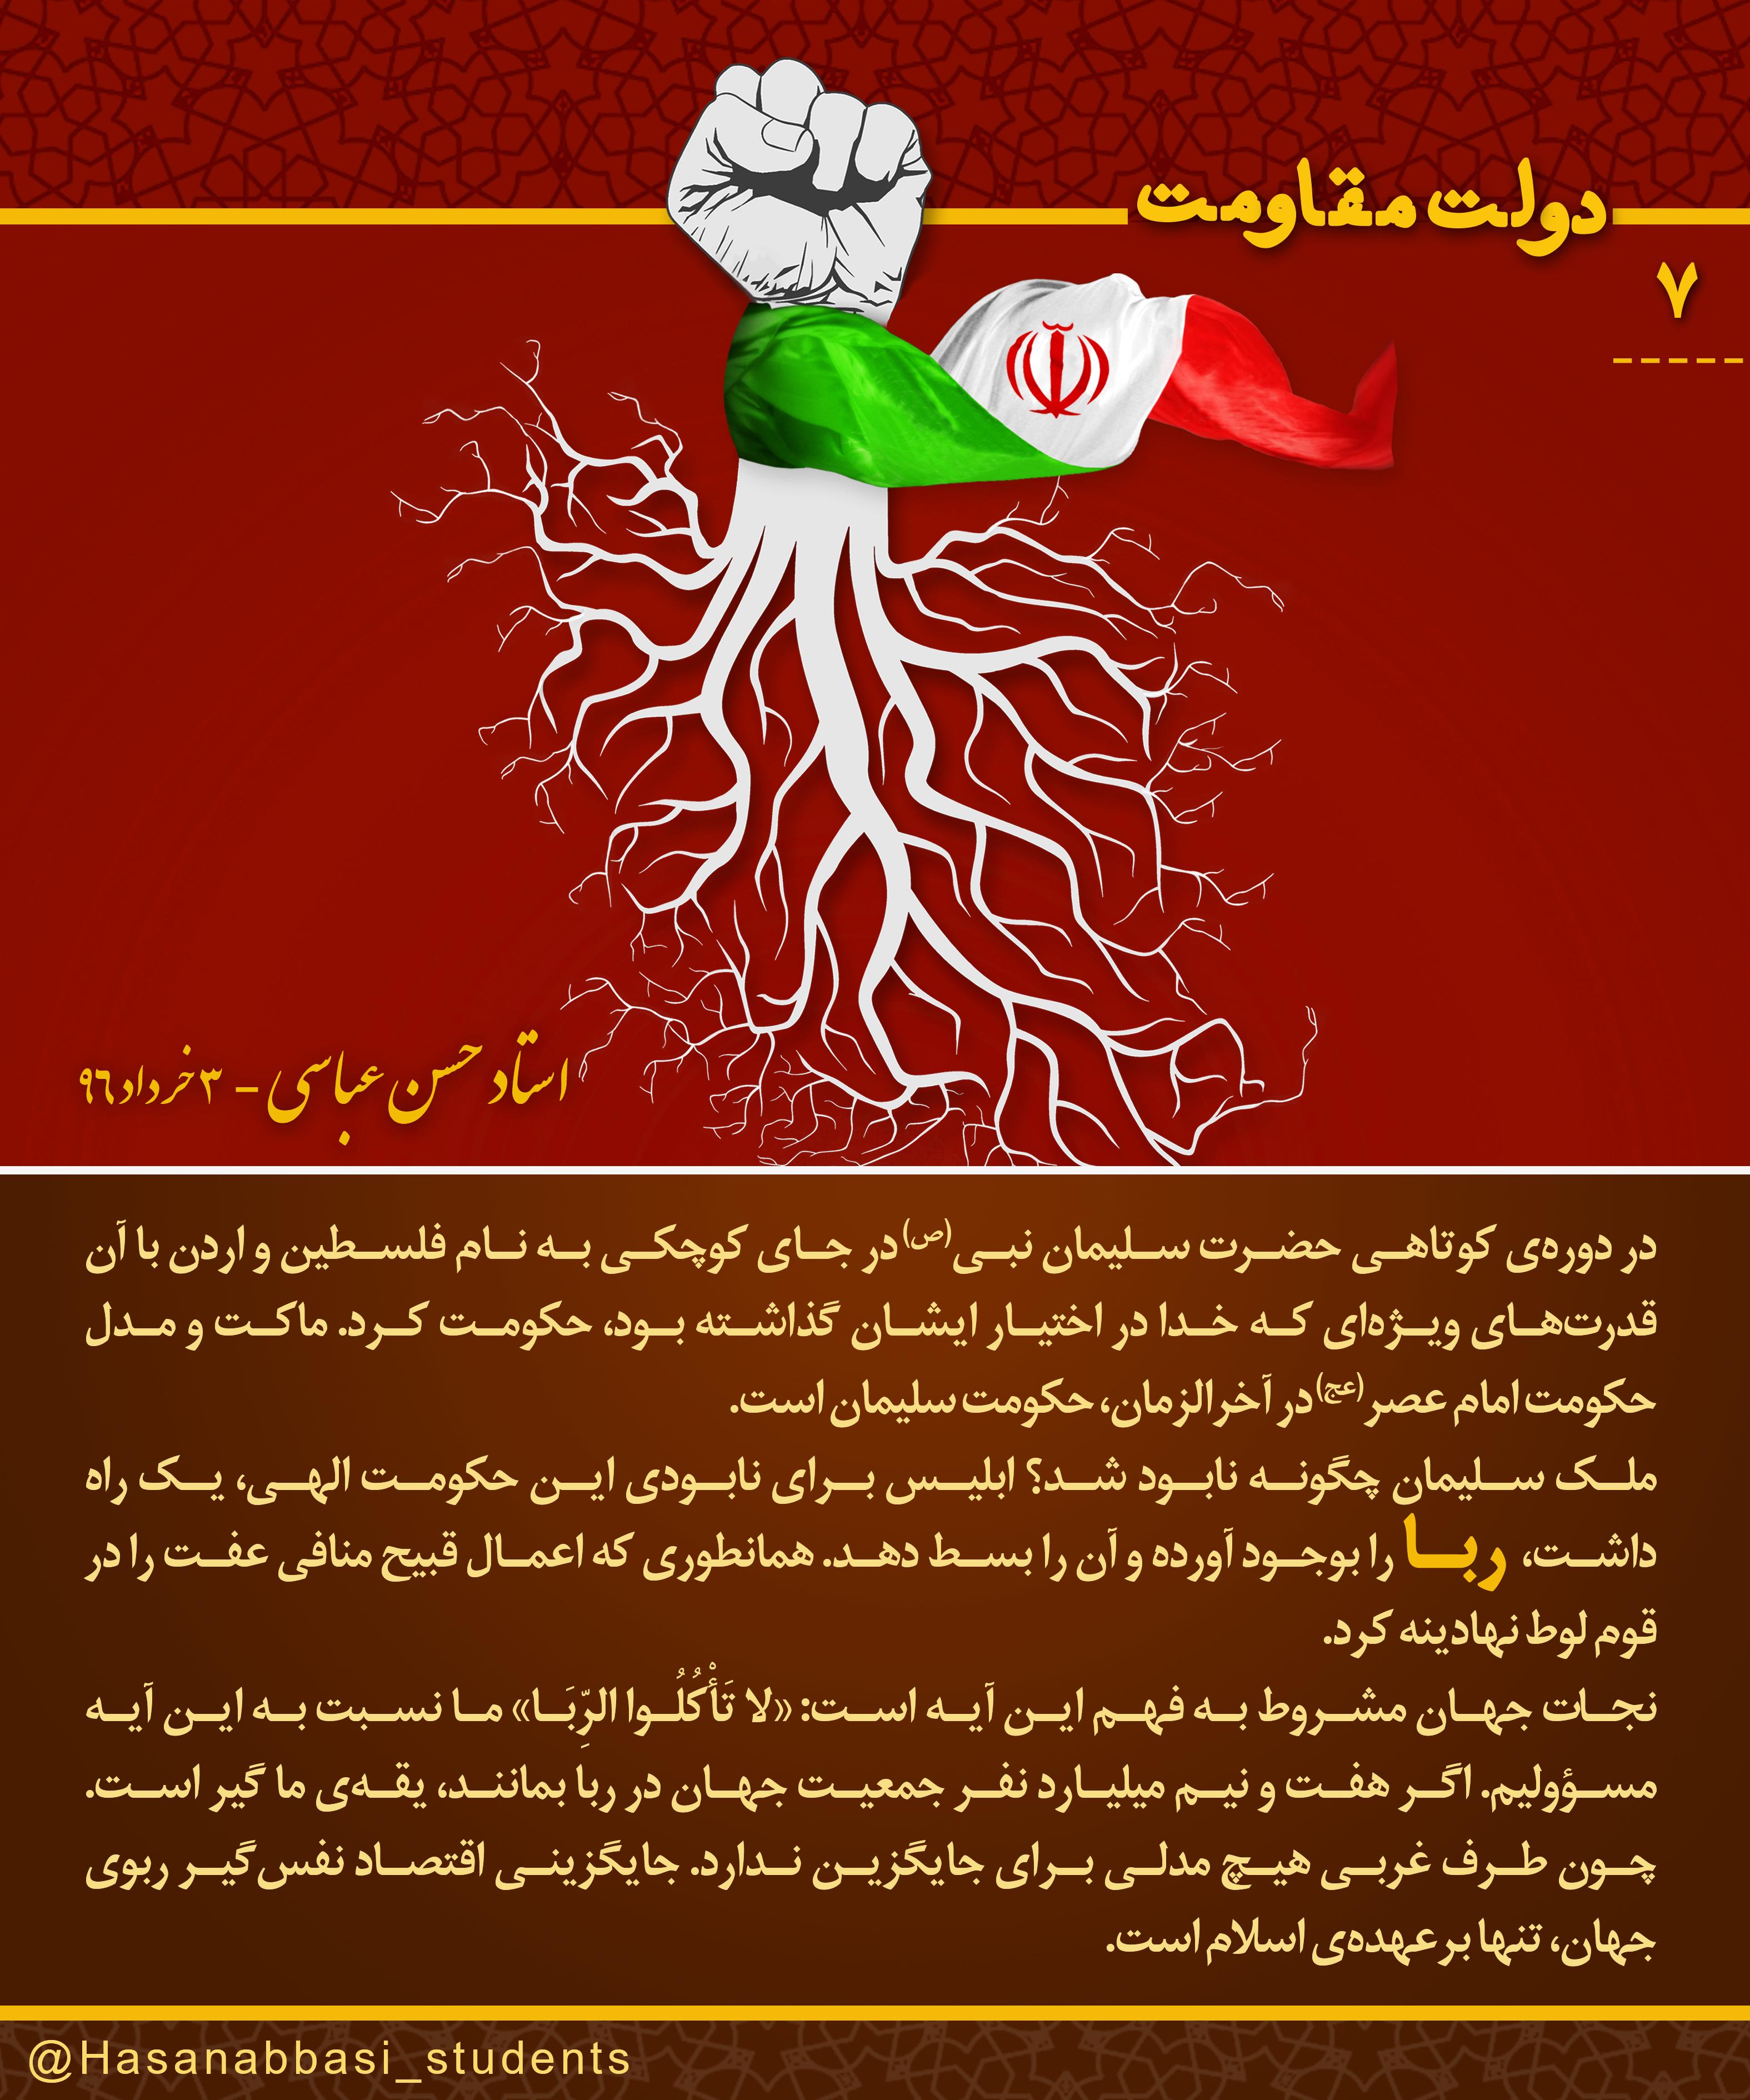 دولت مقاومت ۷ - ملک سلیمان نبی(ص) چگونه نابود شد؟!